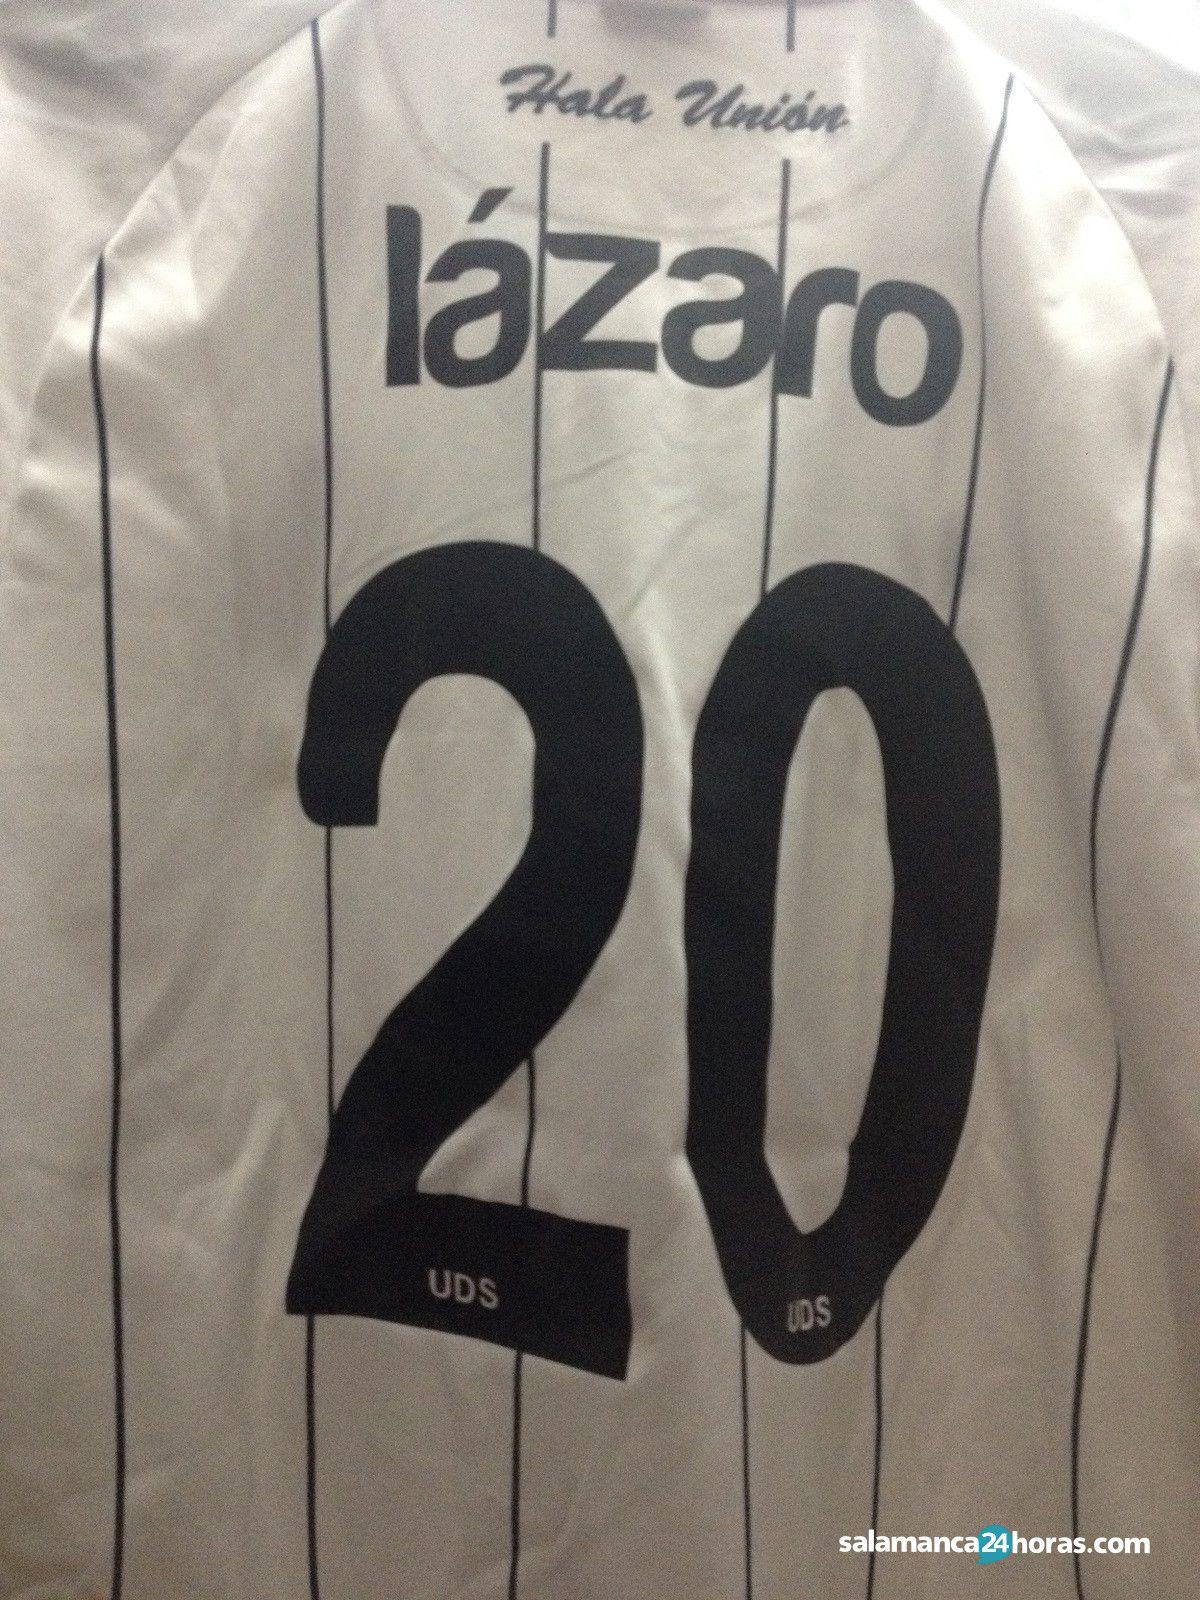 Camiseta David Lázaro (2)